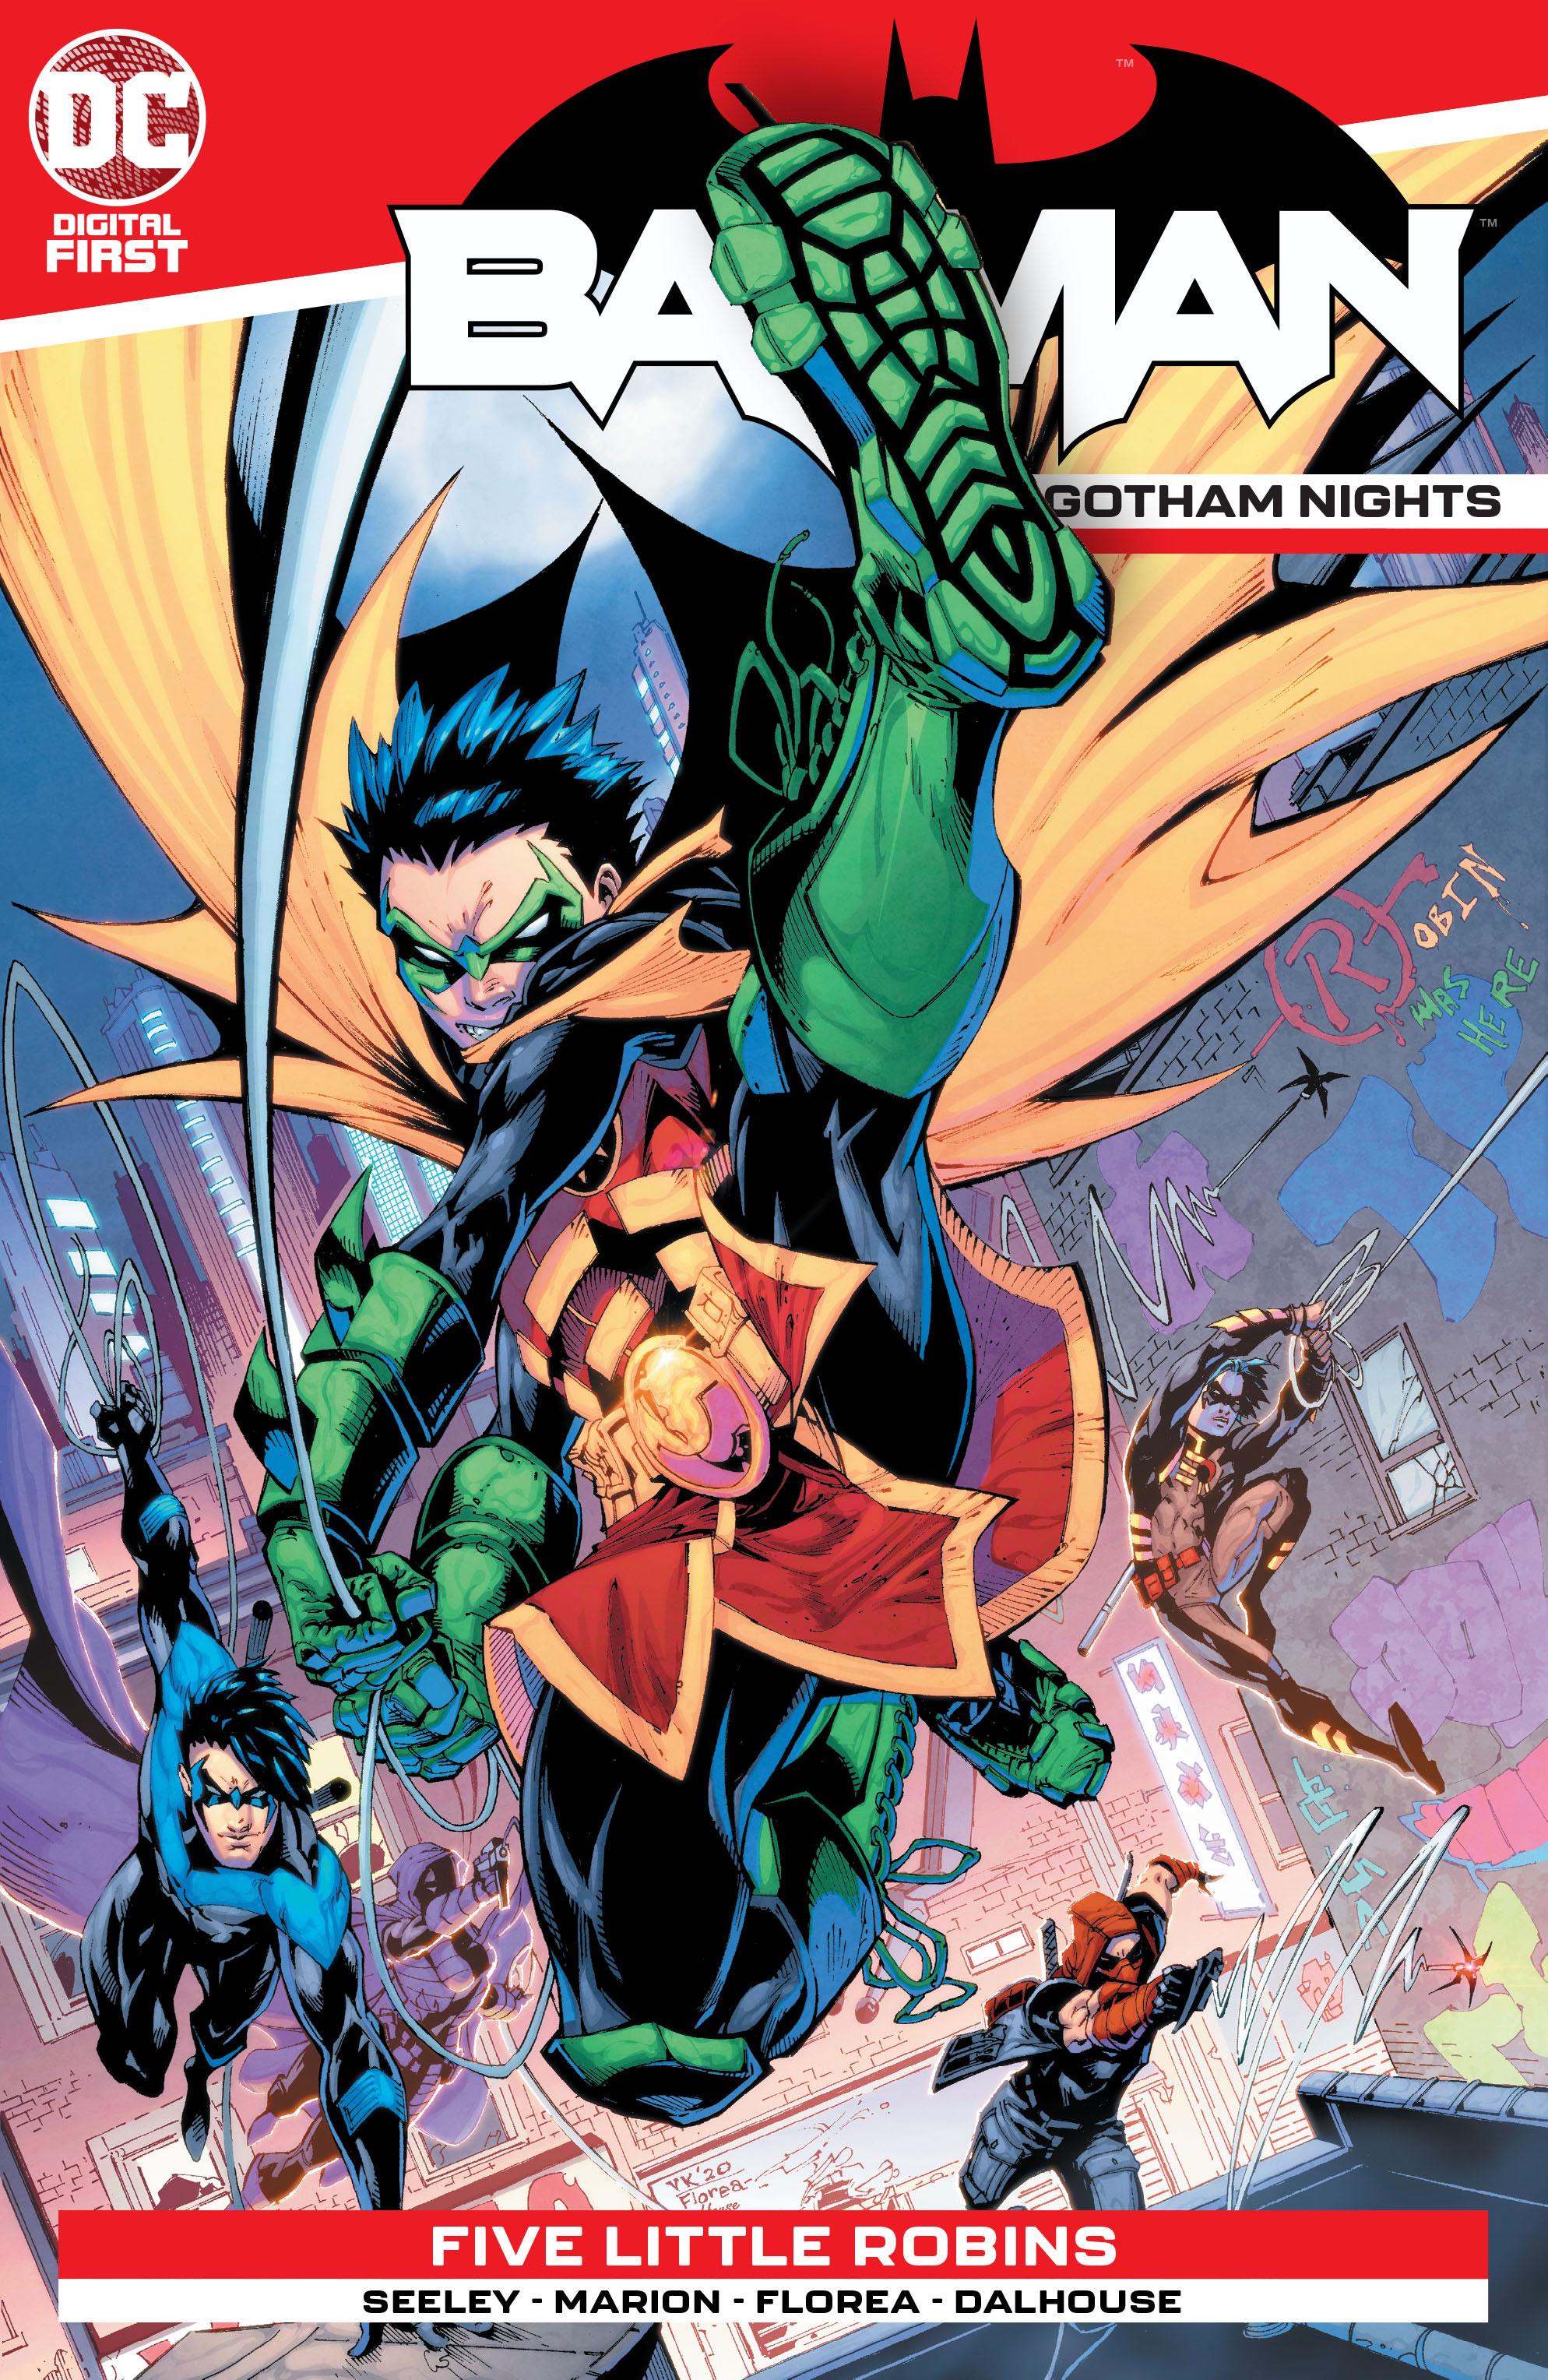 BATMAN-GOTHAM-NIGHTS-Cv12